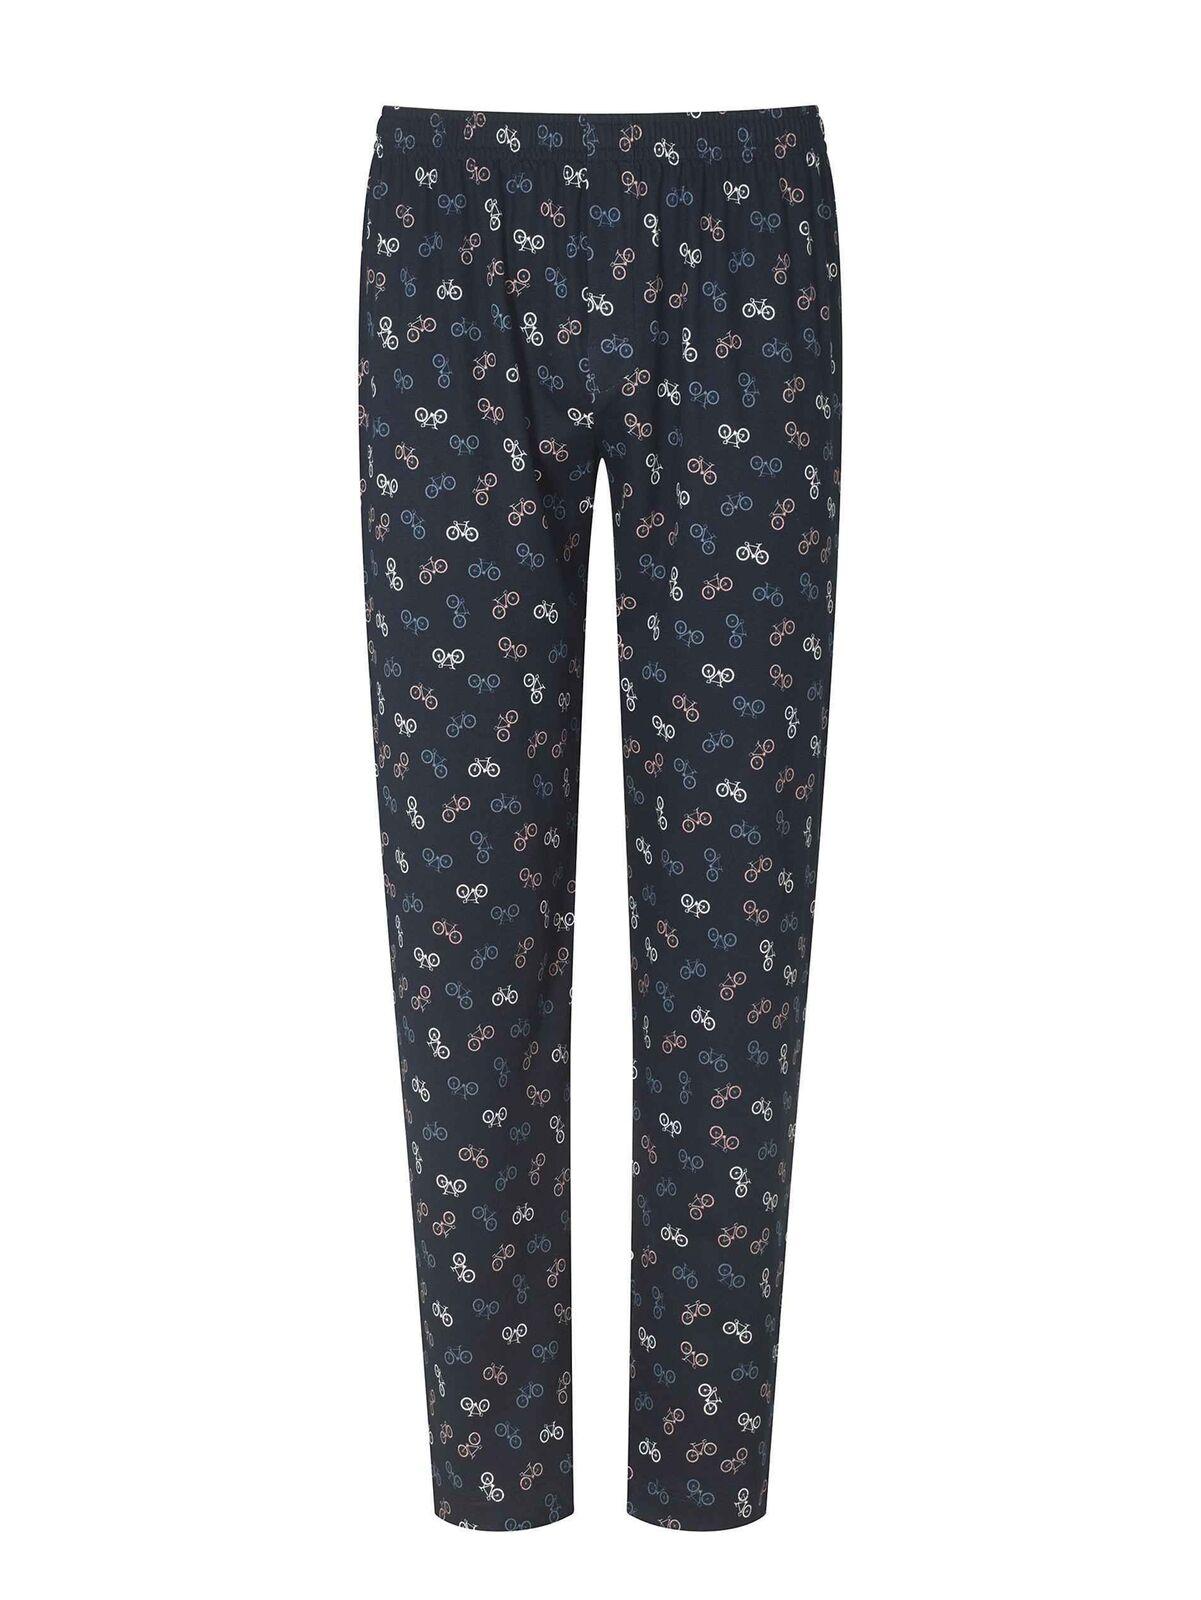 MEY Herren Lange Pyjamahose Harding NEU & OVP